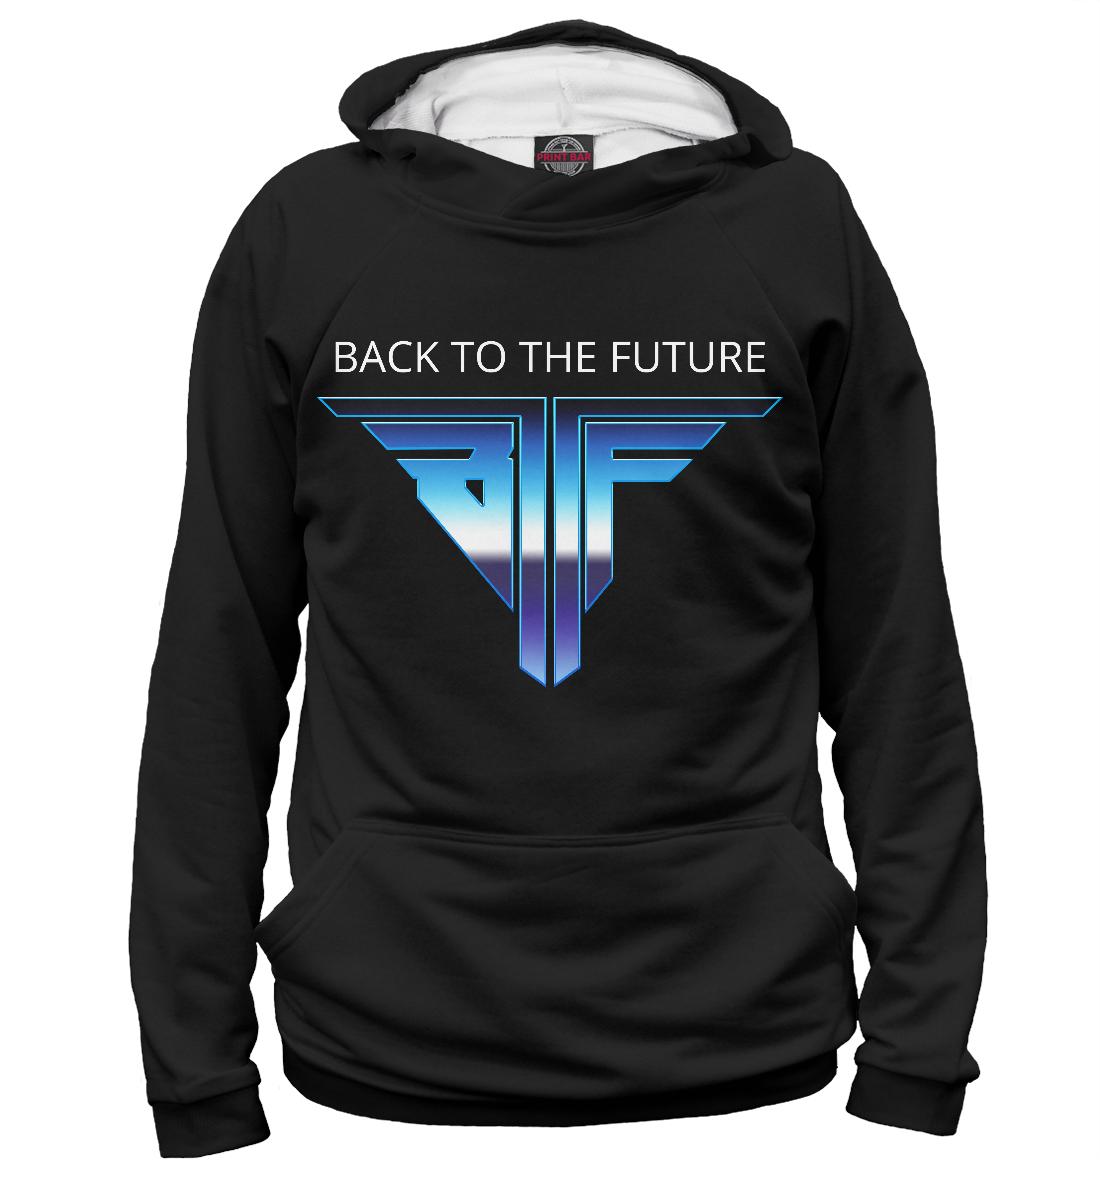 Купить Назад в будущее, Printbar, Худи, KNO-785881-hud-2